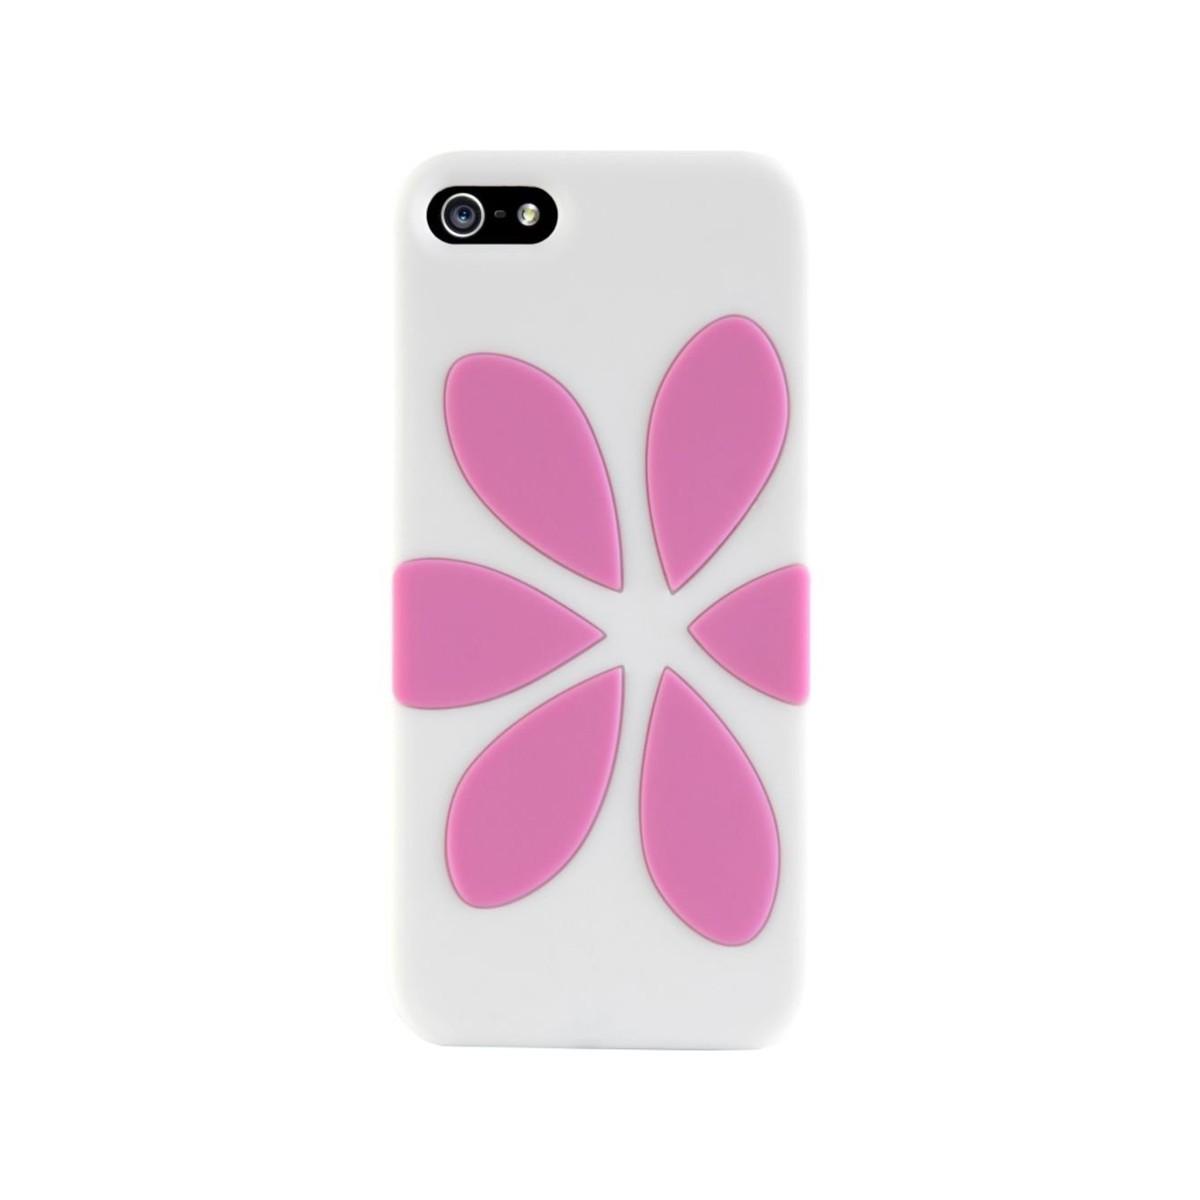 Бял силиконов кейс Agent18 за Apple iPhone 6 с розова шарка във формата на цвете